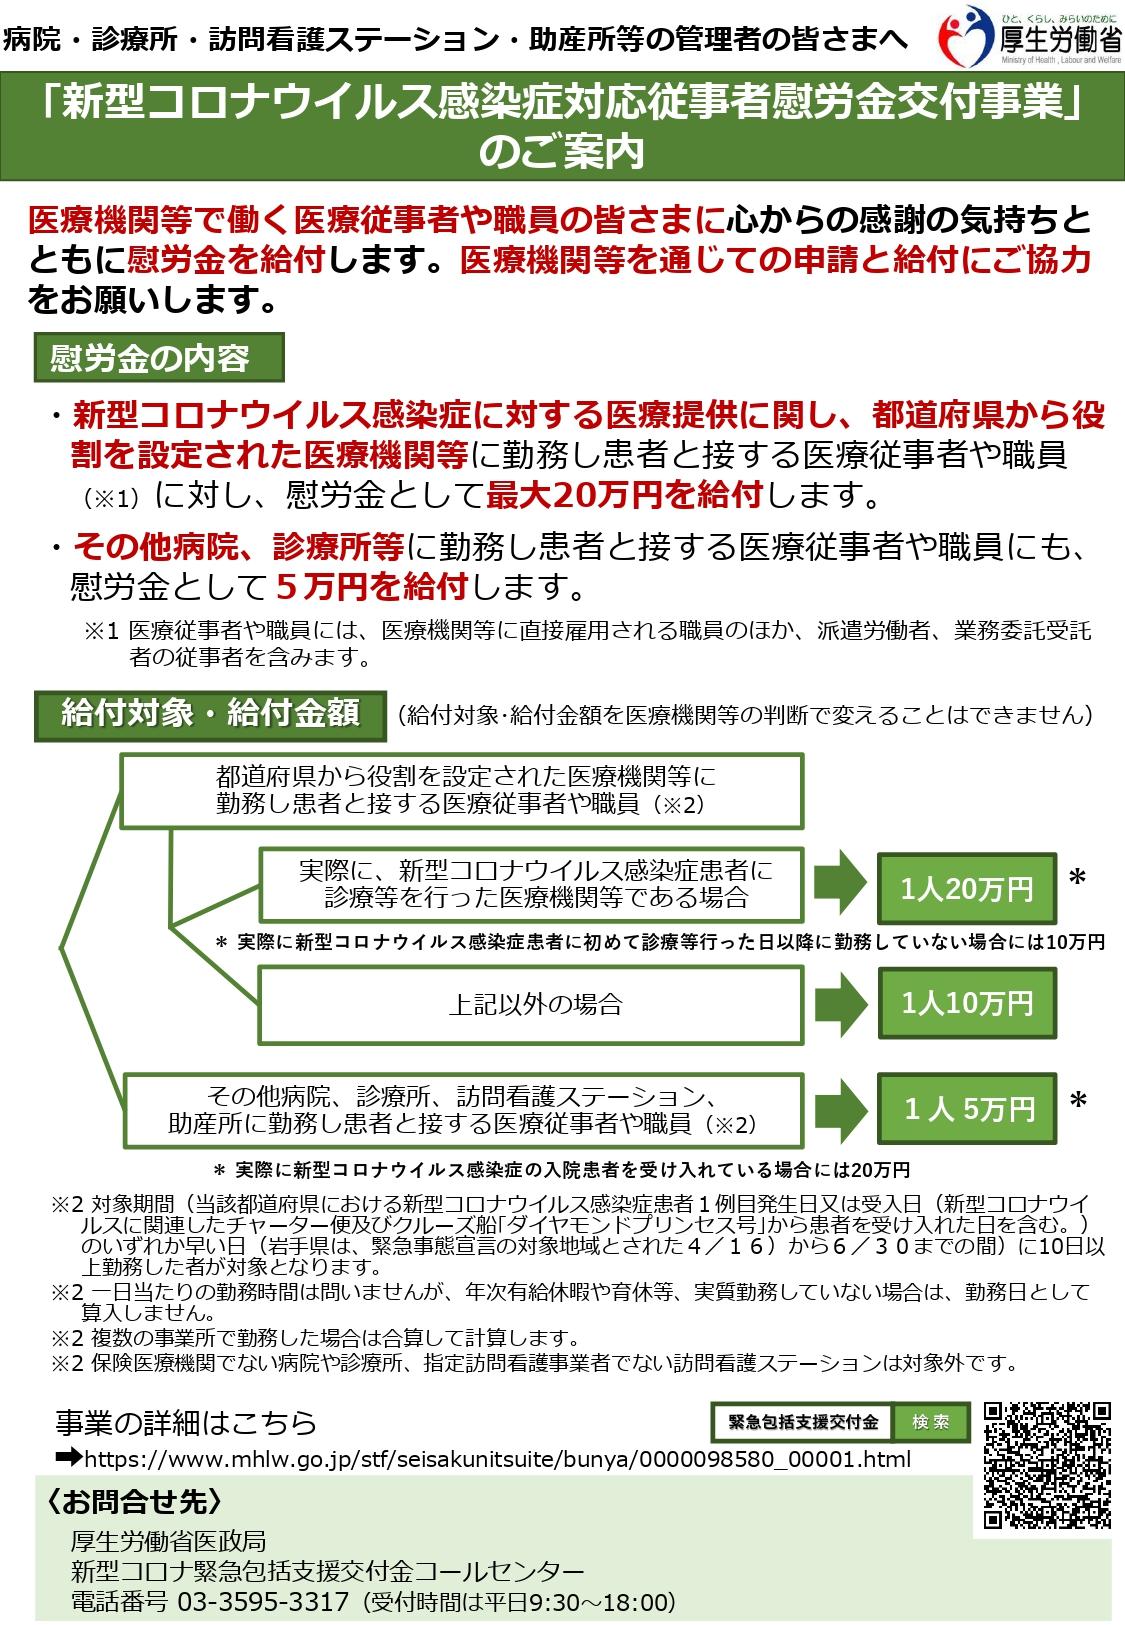 コロナ 者 ウイルス 人数 滋賀 感染 県